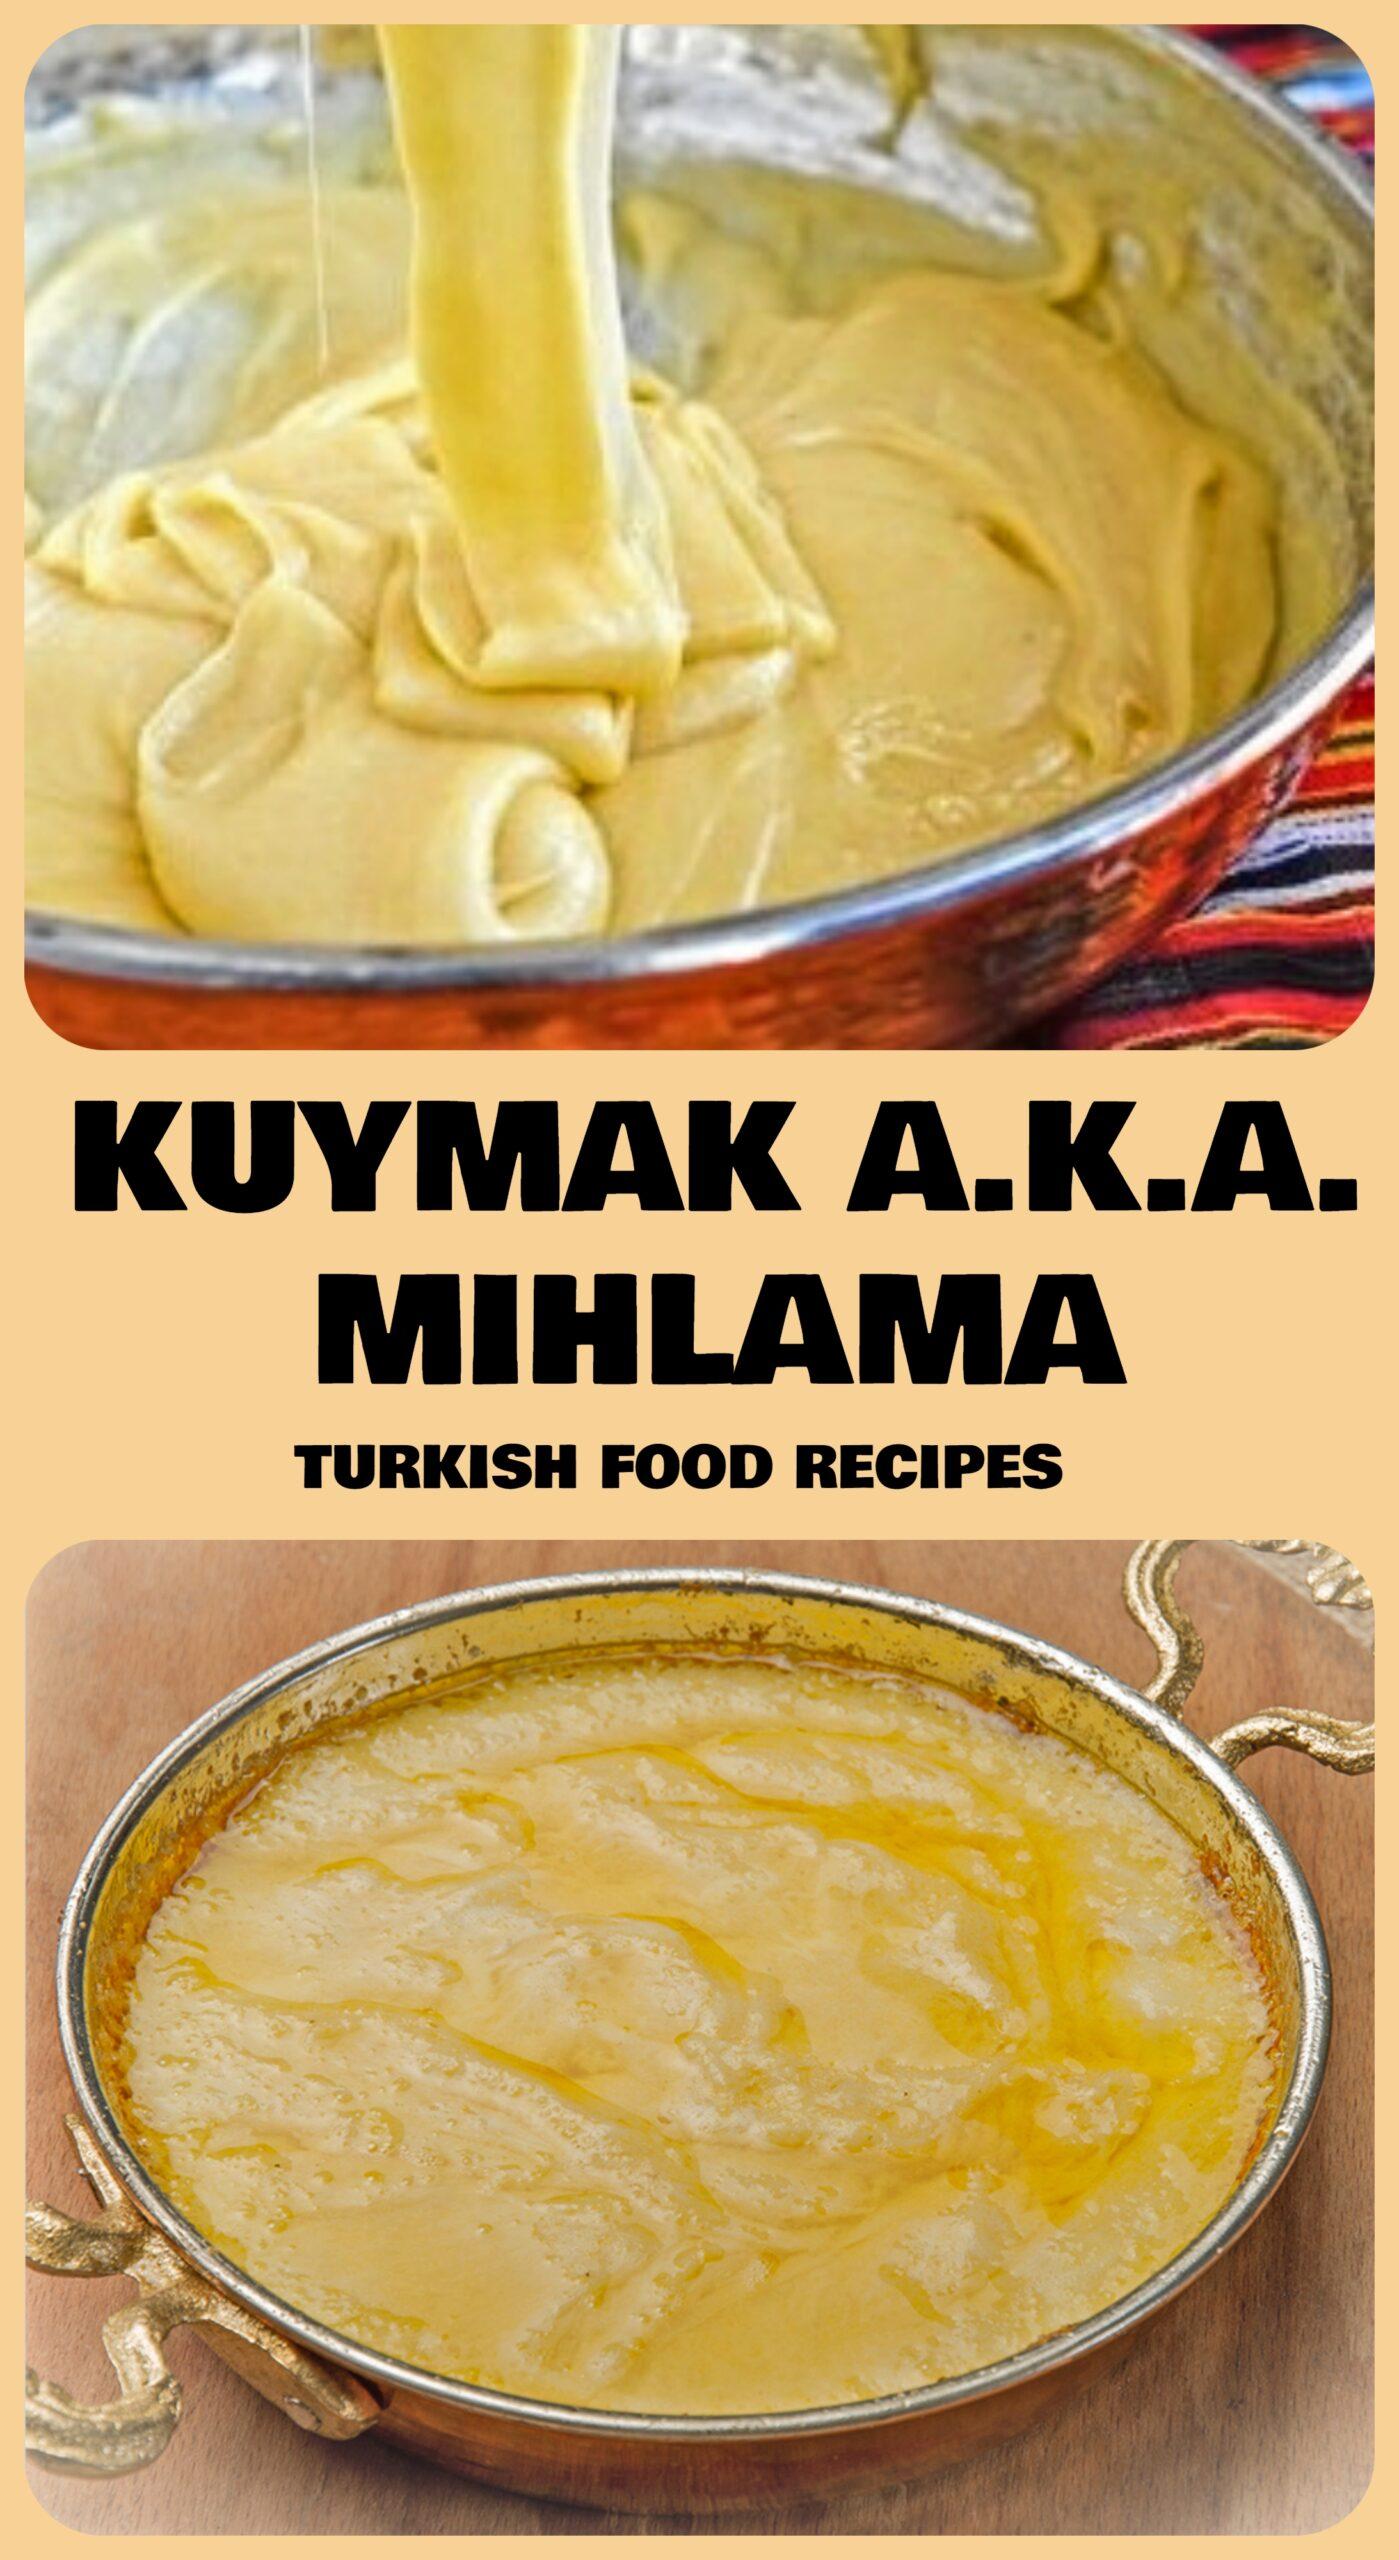 Kuymak A.K.A. Mihlama Recipe